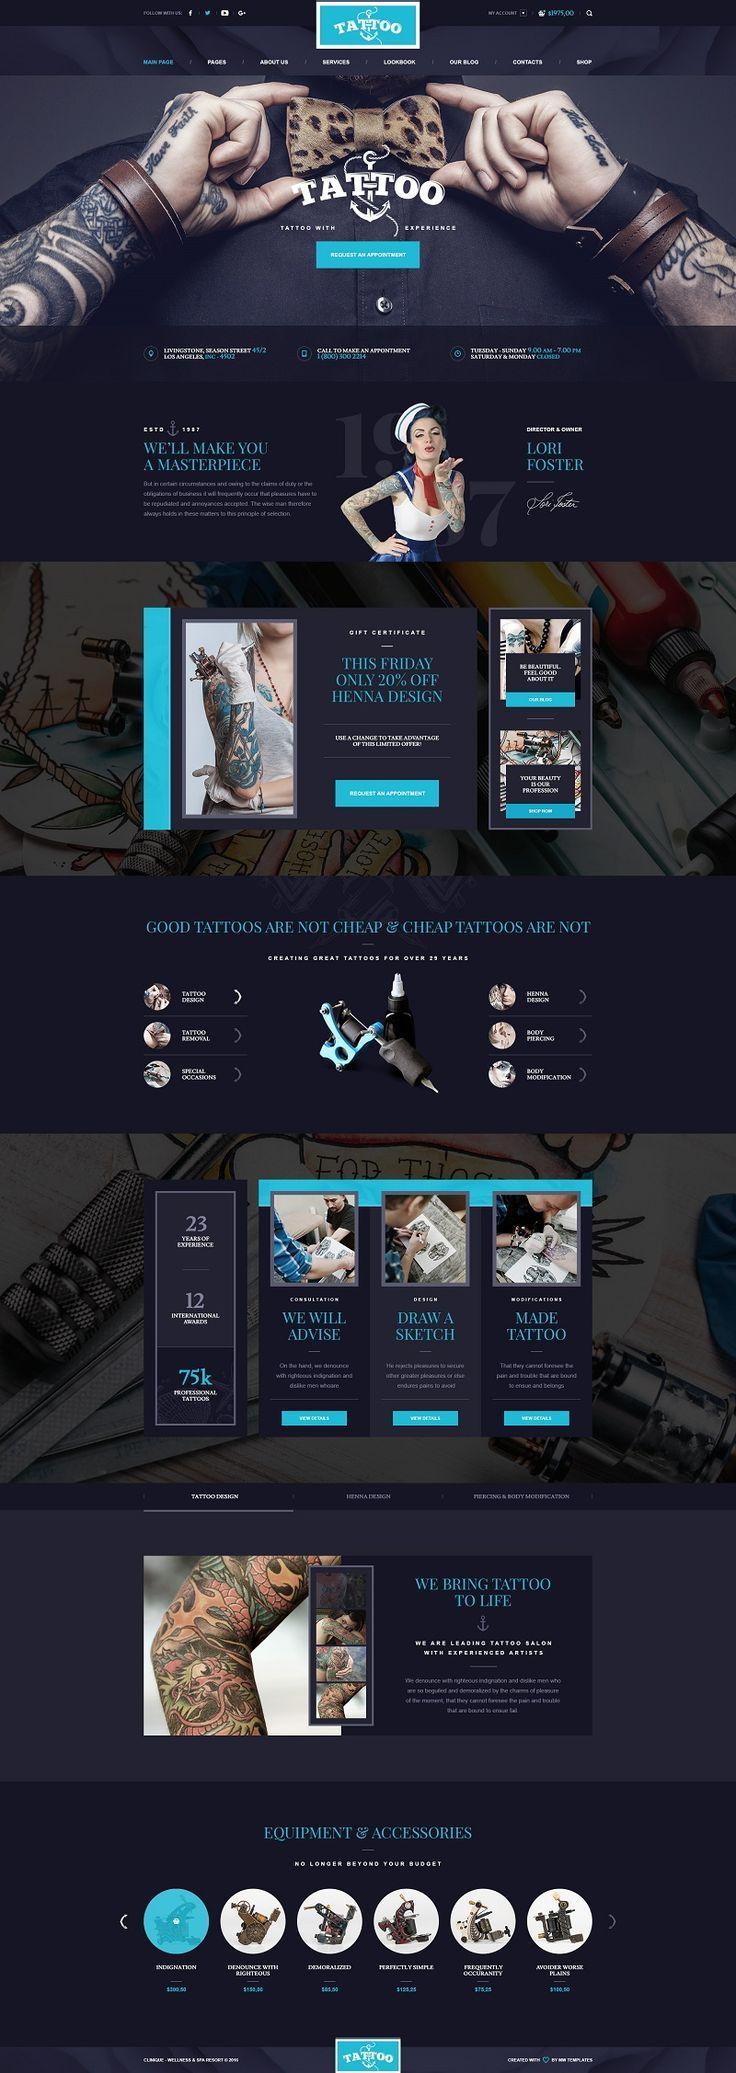 Best Website Background Patterns 2017 | Background Slide Images HD